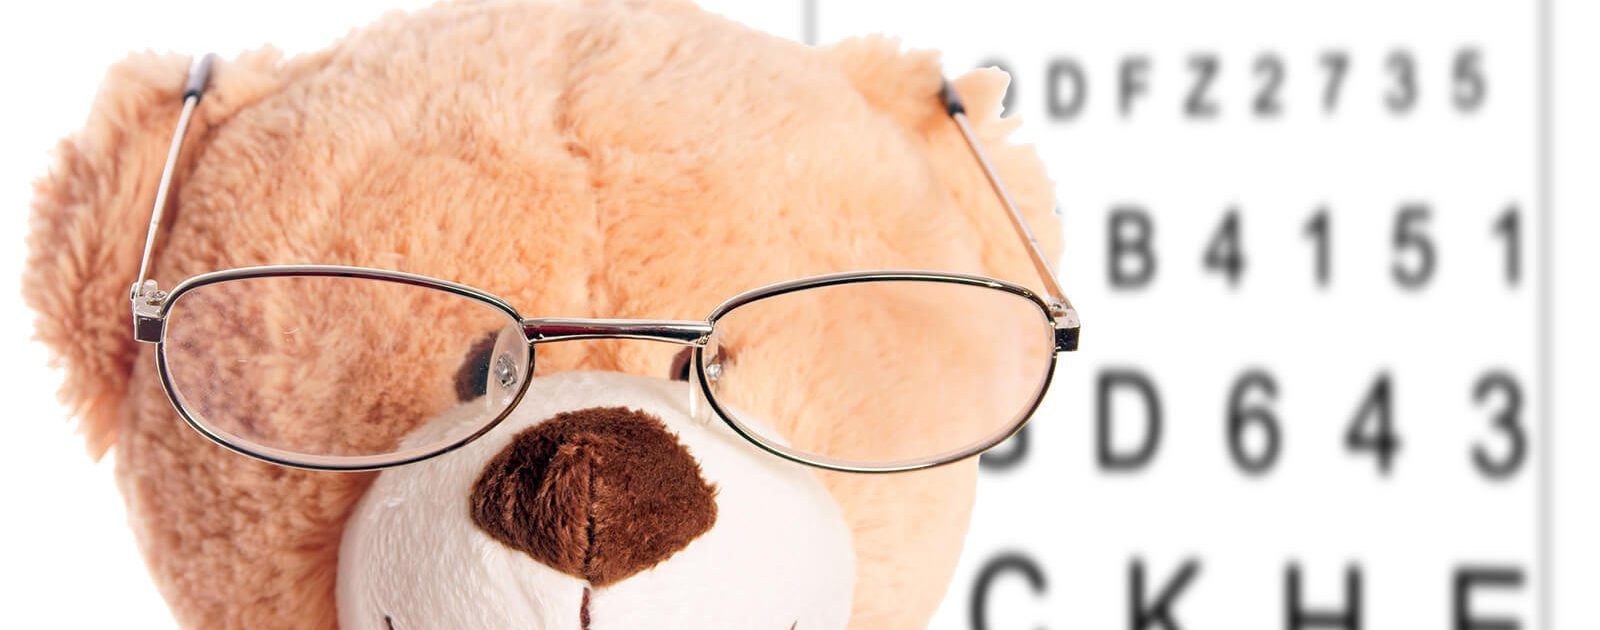 Beim Kauf von Kinderbrillen ist eine gute Beratung des Optikers wichtig